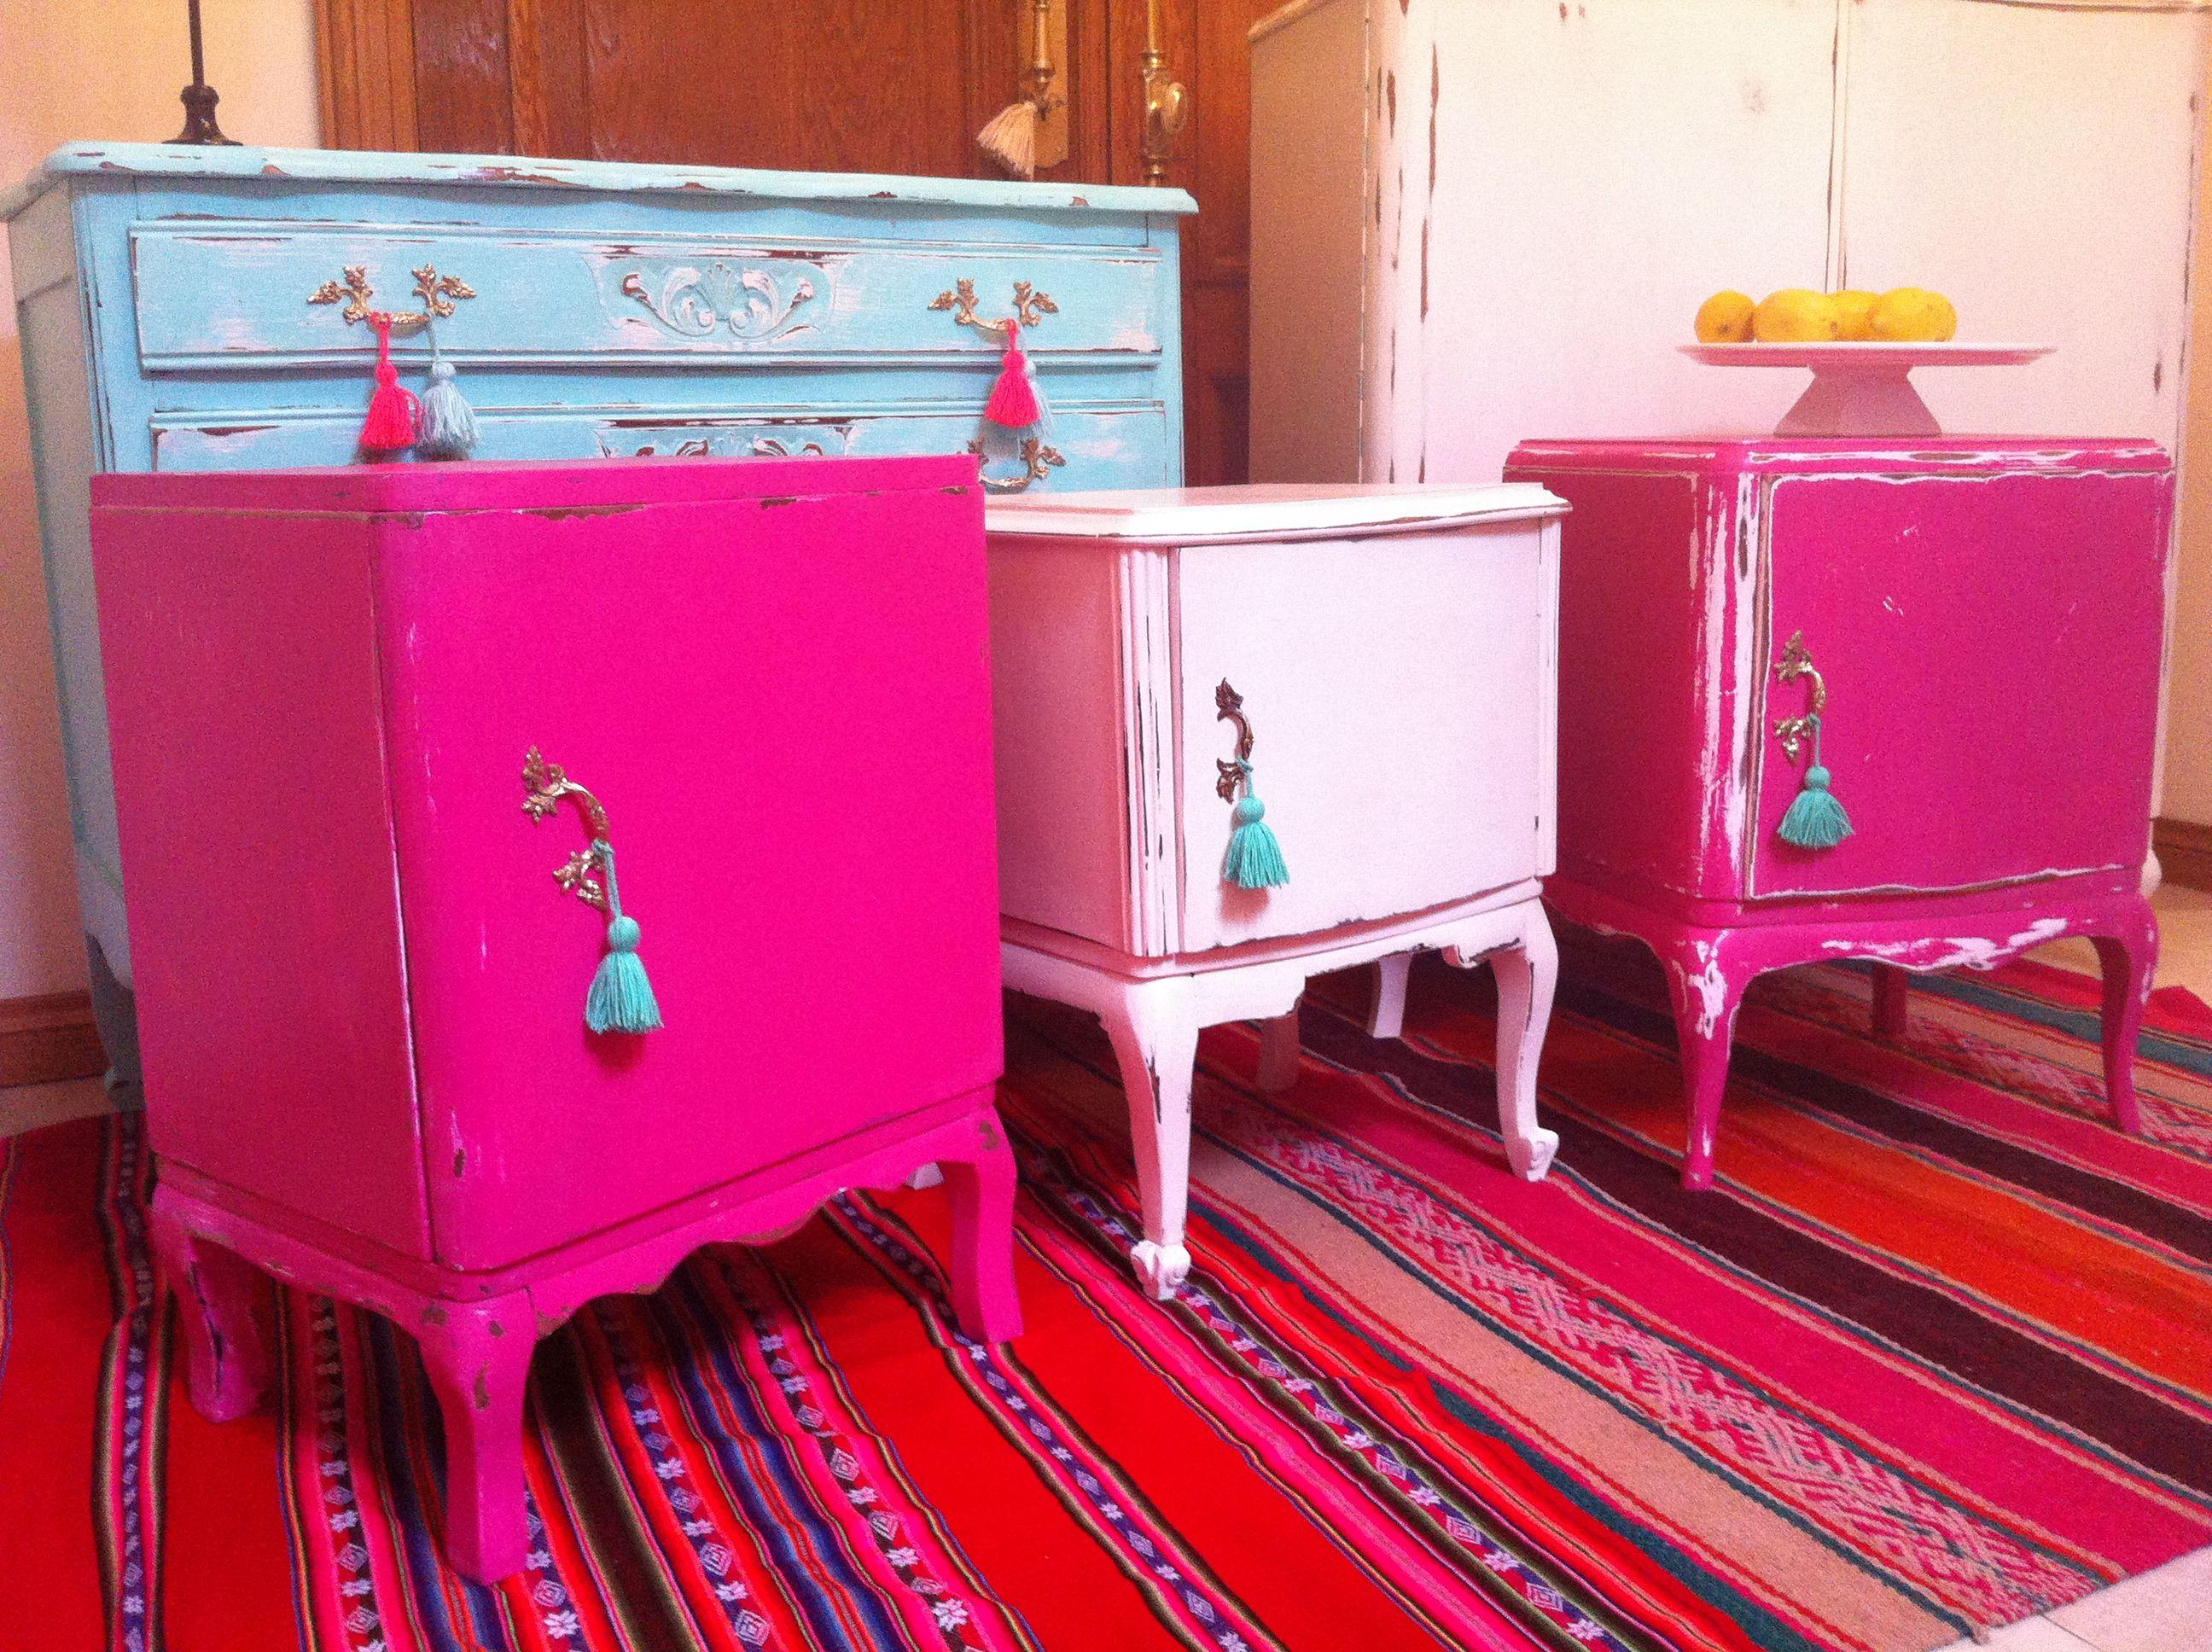 Mesas de luz francesas vintouch muebles pinterest for Muebles franceses